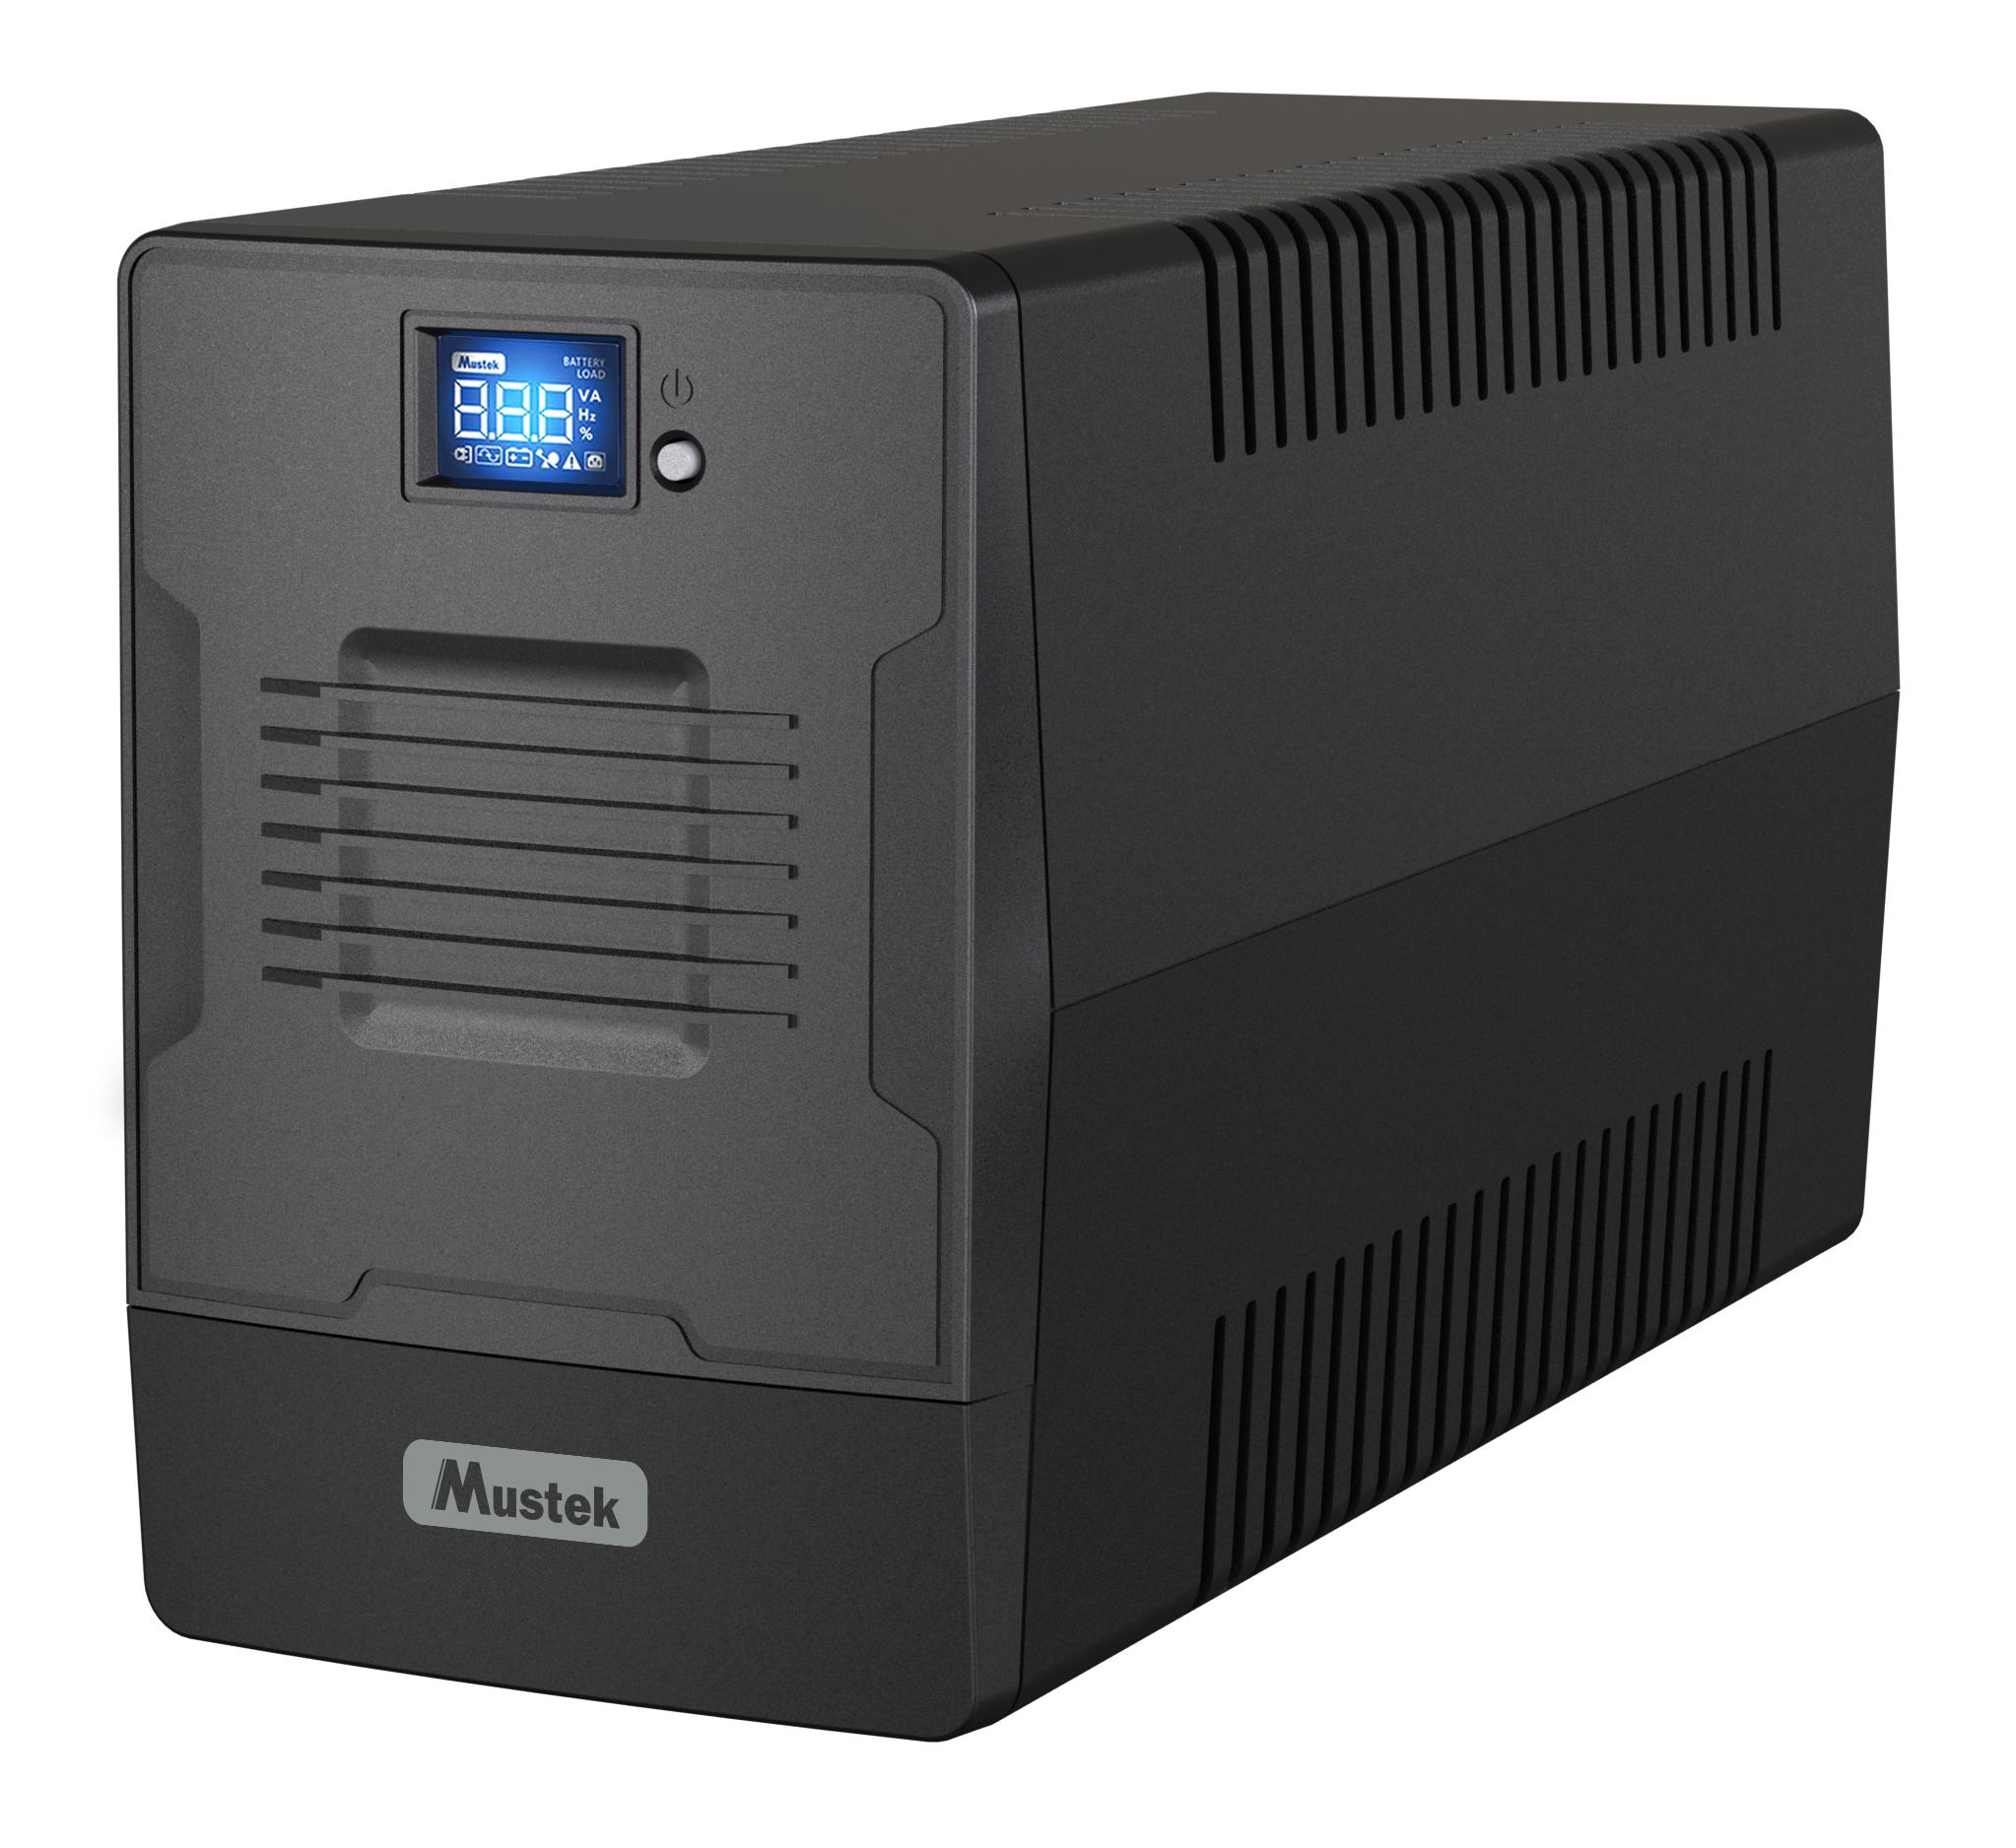 UPS Mustek PowerMust 1000 LCD Line Interactive 2xIEC 2xSchuko 1000VA/600W